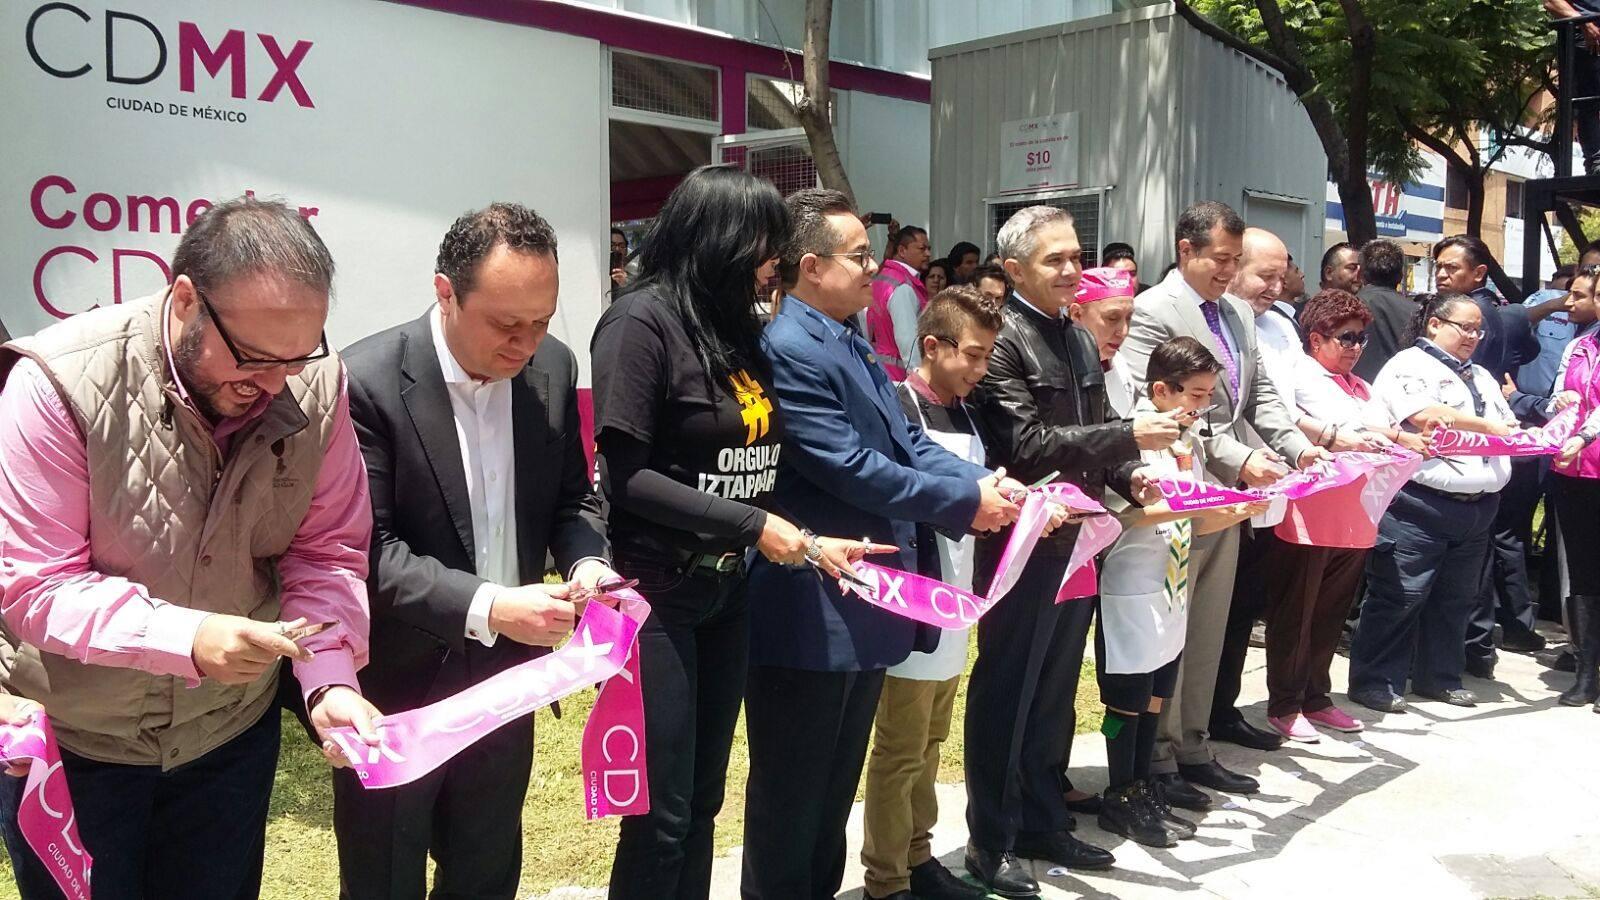 Inauguración del Comedor CDMX Central de Abasto